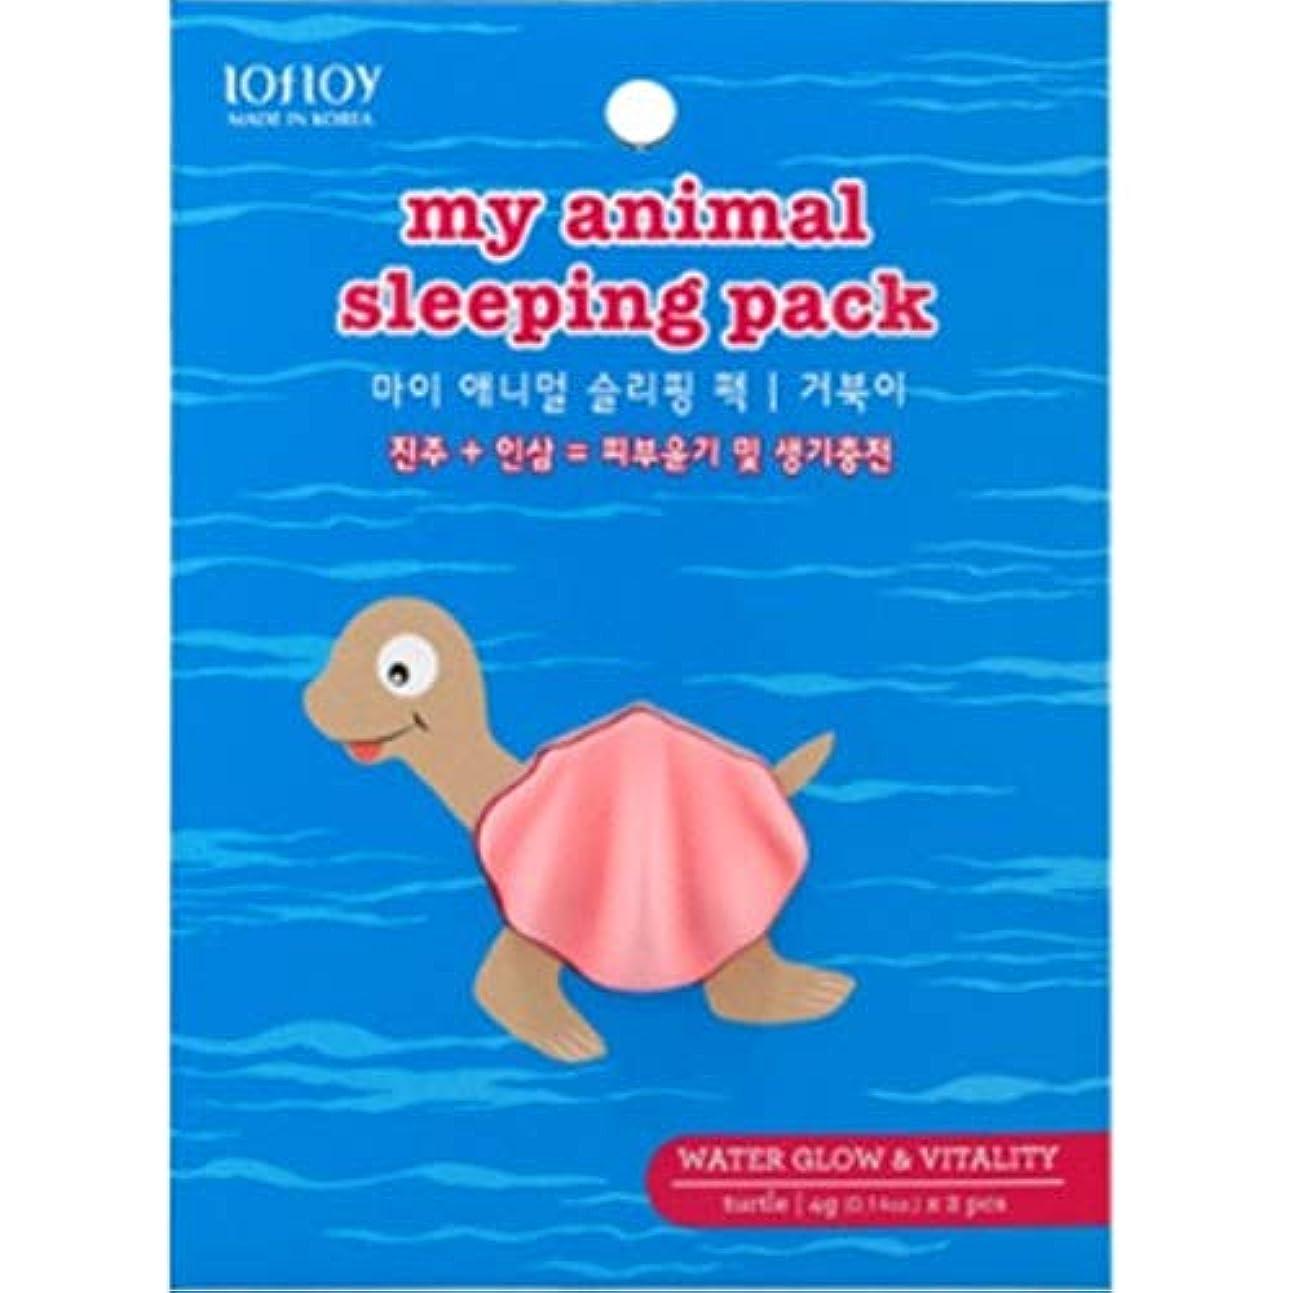 繁殖チャンピオンクラブLOFLOY My Animal Sleeping Pack Turtle CH1379393 4g x 2PCS [並行輸入品]